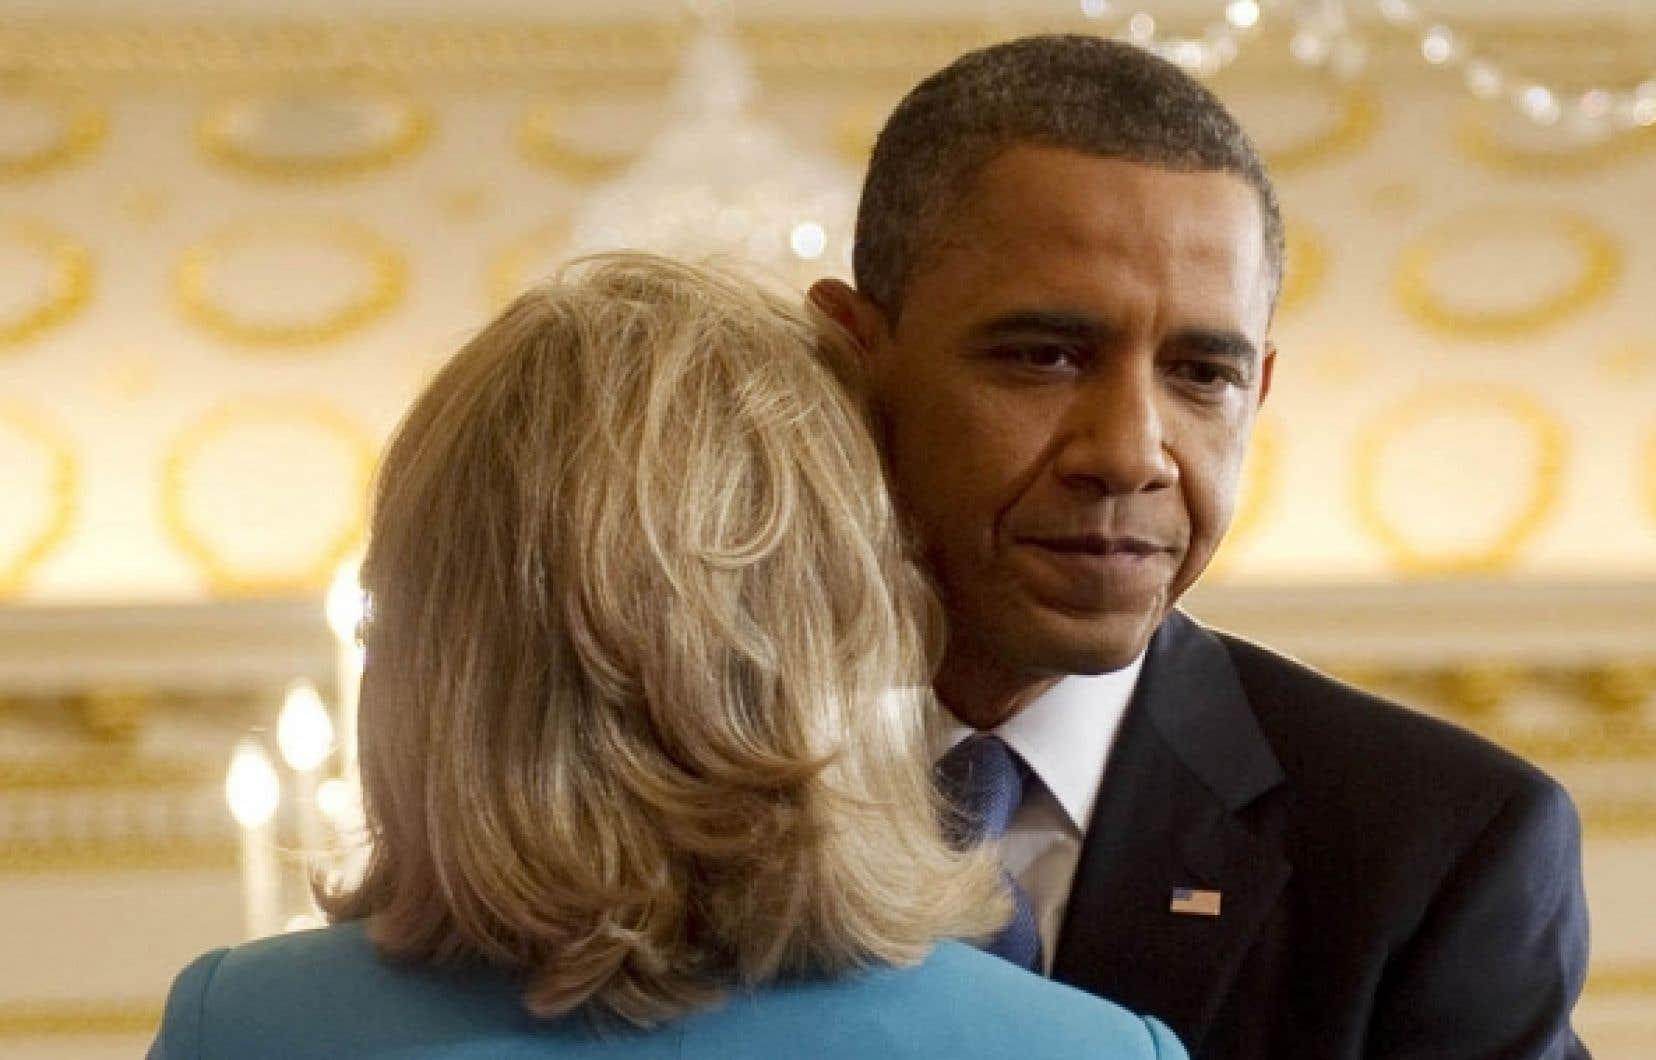 Le président américain, Barack Obama, en compagnie de la secrétaire d'État Hillary Clinton à l'issue de son discours hier à Washington.